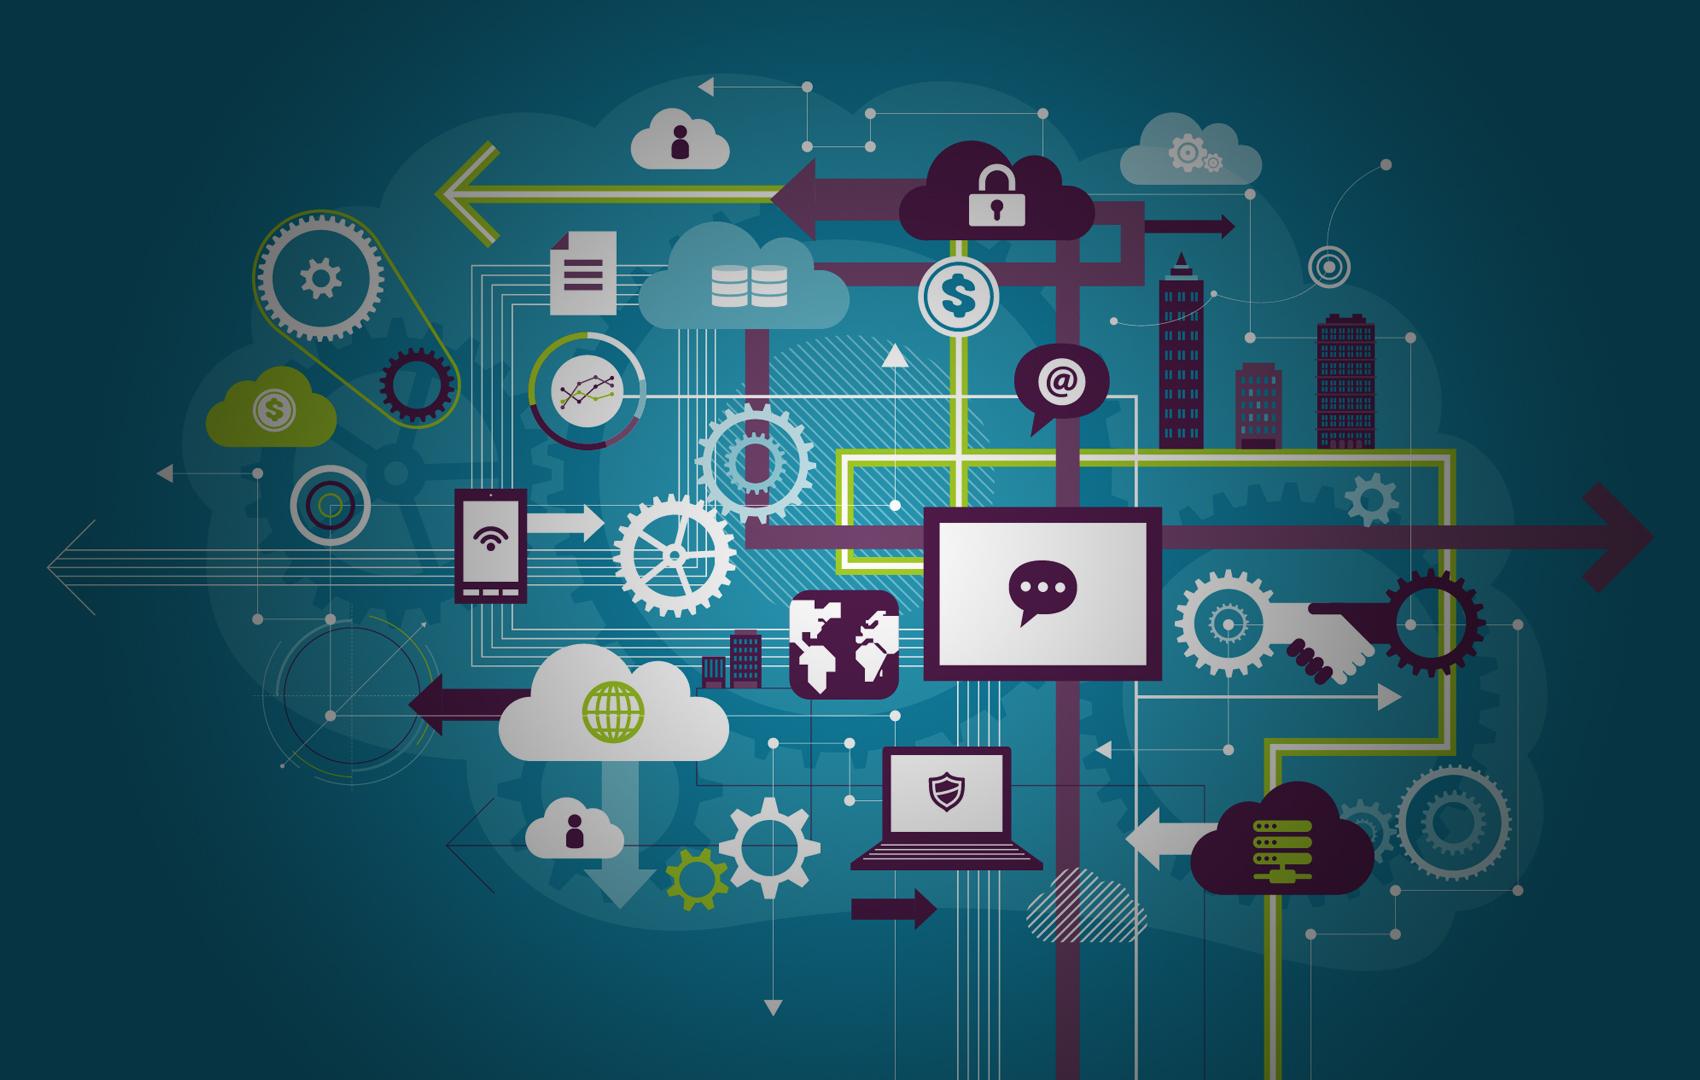 dijital pazarlama ve sorunlar